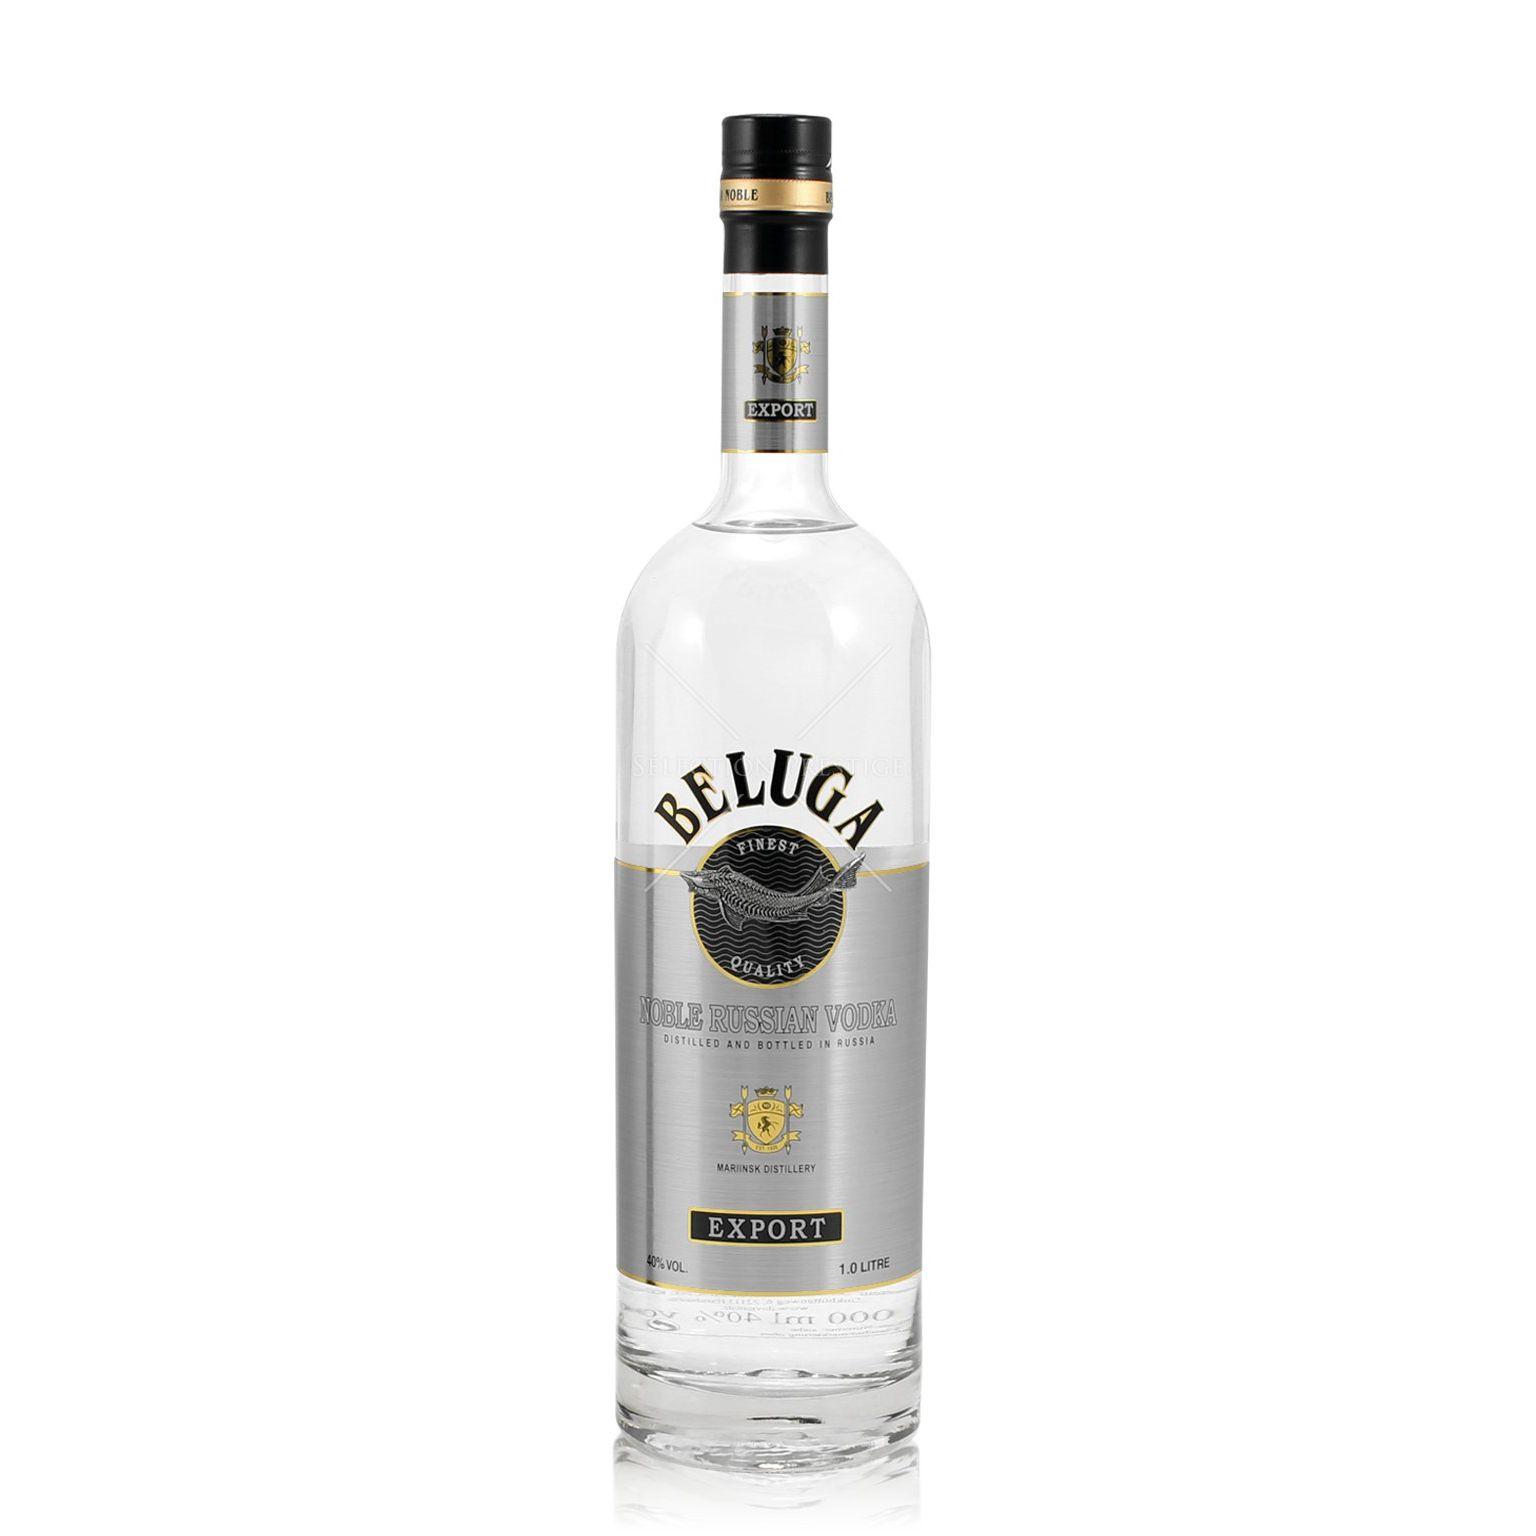 Beluga Noble Russian Vodka EXPORT 1L